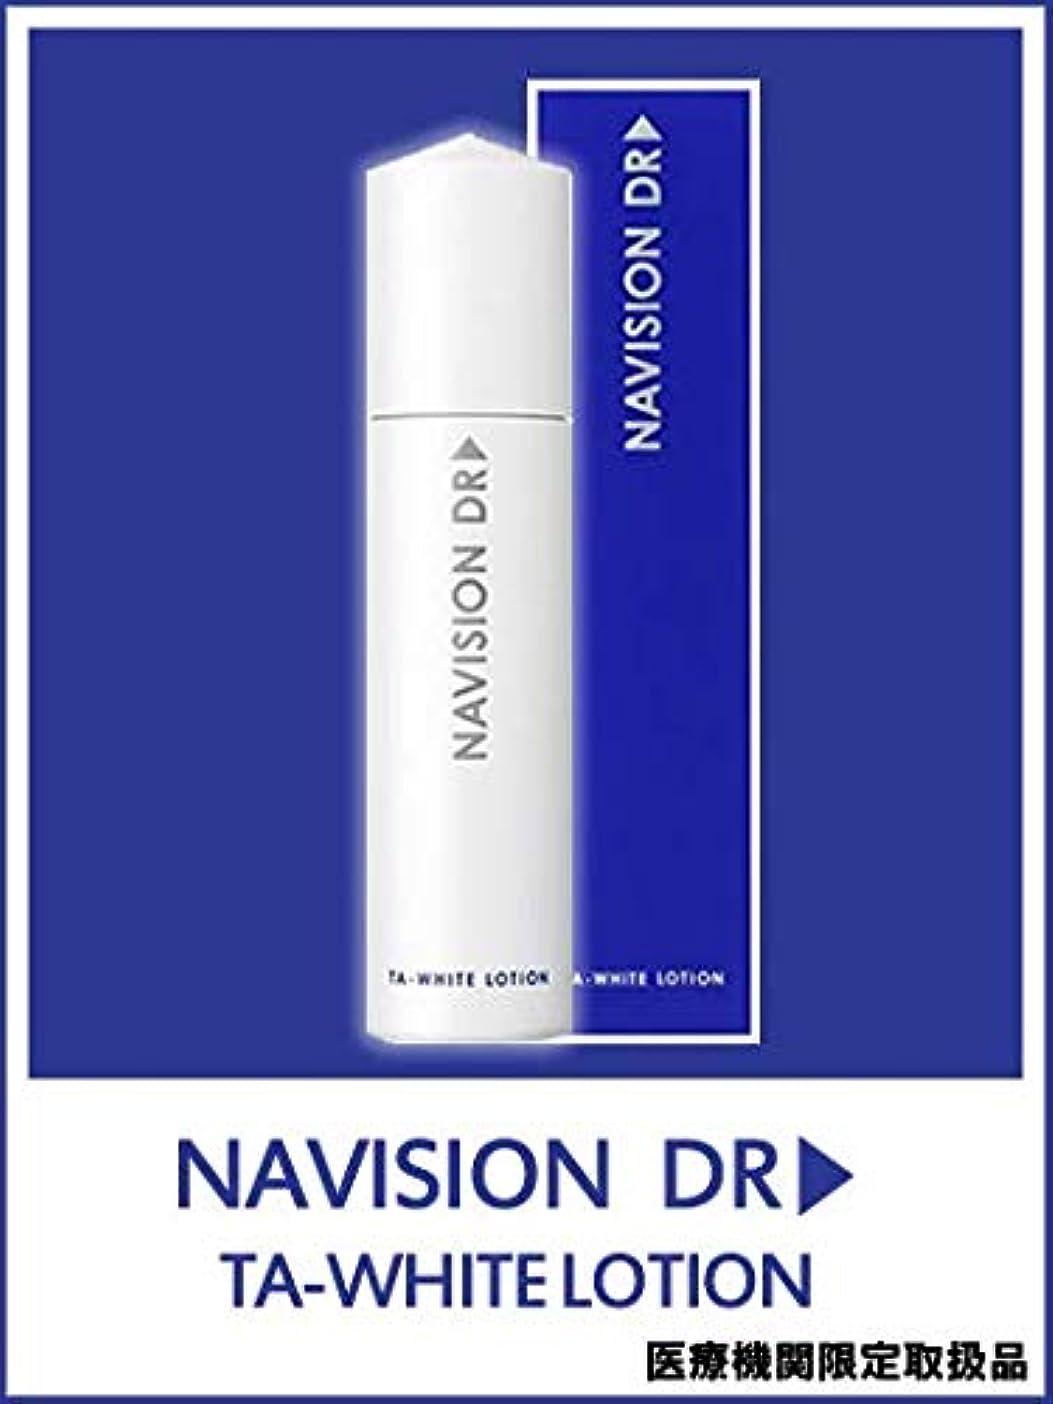 ロック未払い接地NAVISION DR? ナビジョンDR TAホワイトローションn(医薬部外品) 150mL